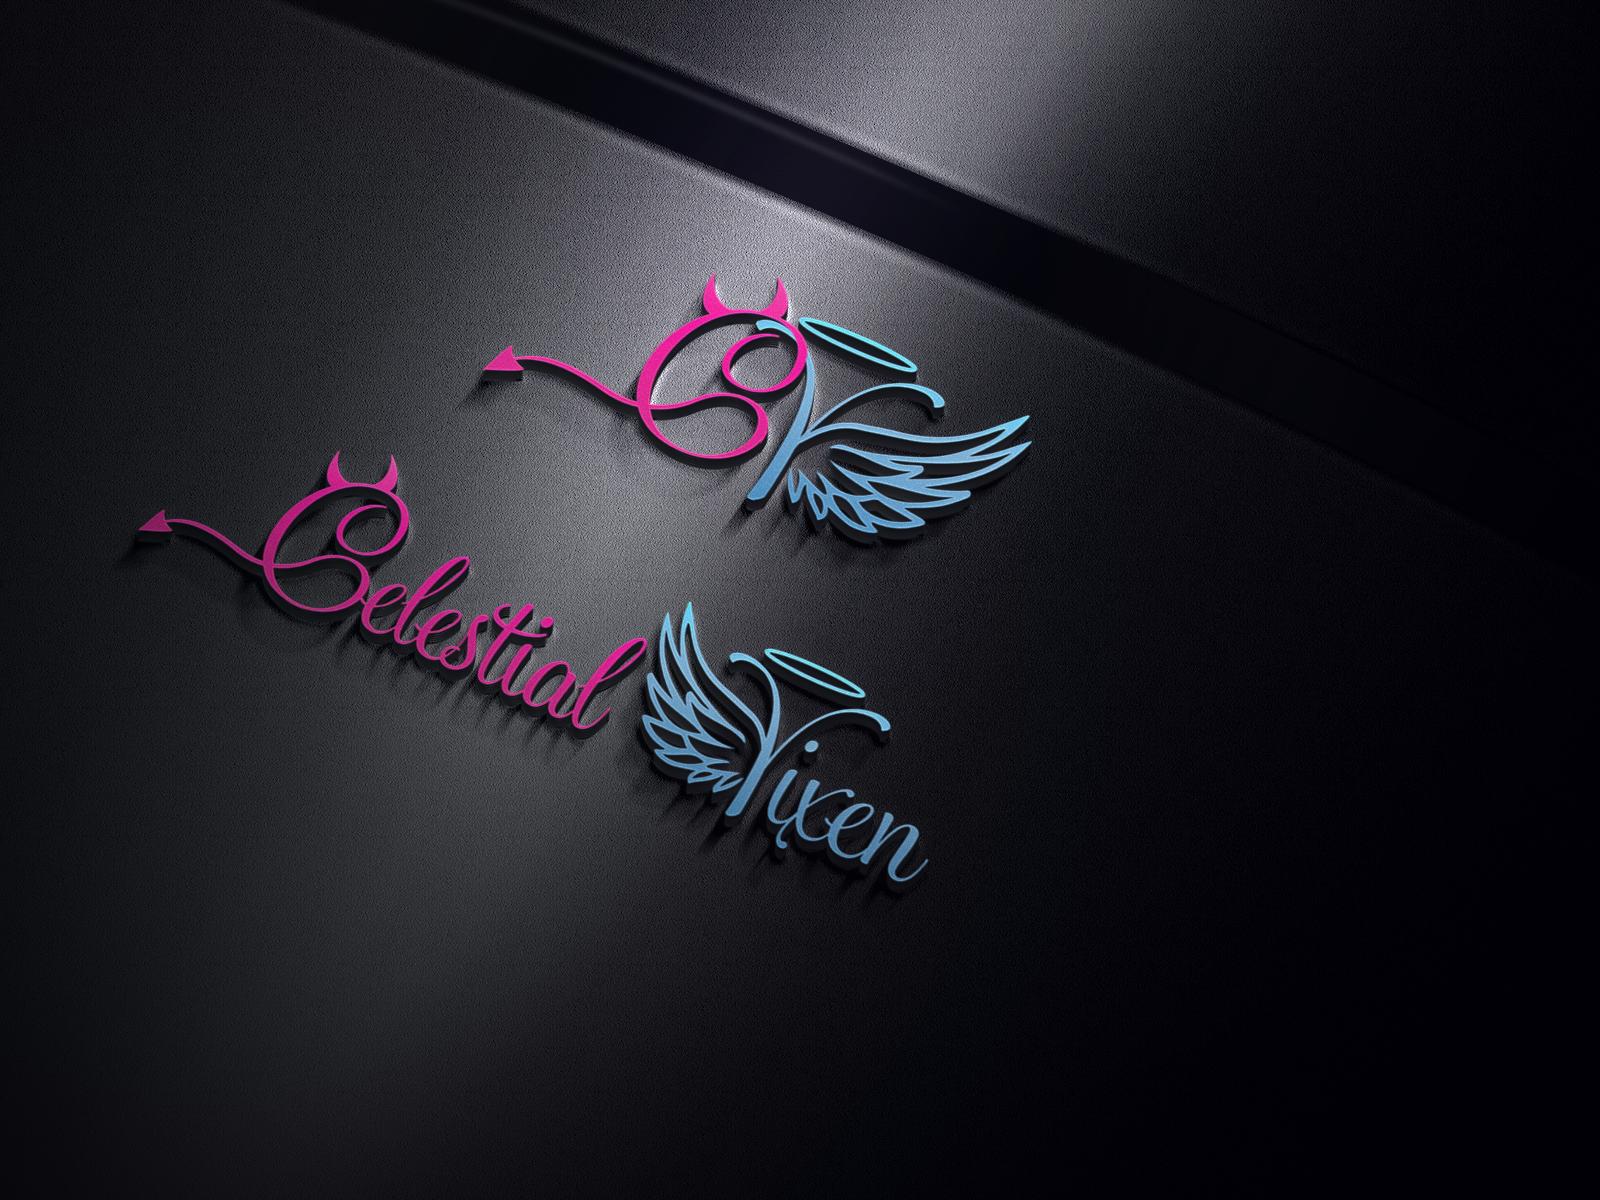 Celestial Vixen needs a new logo